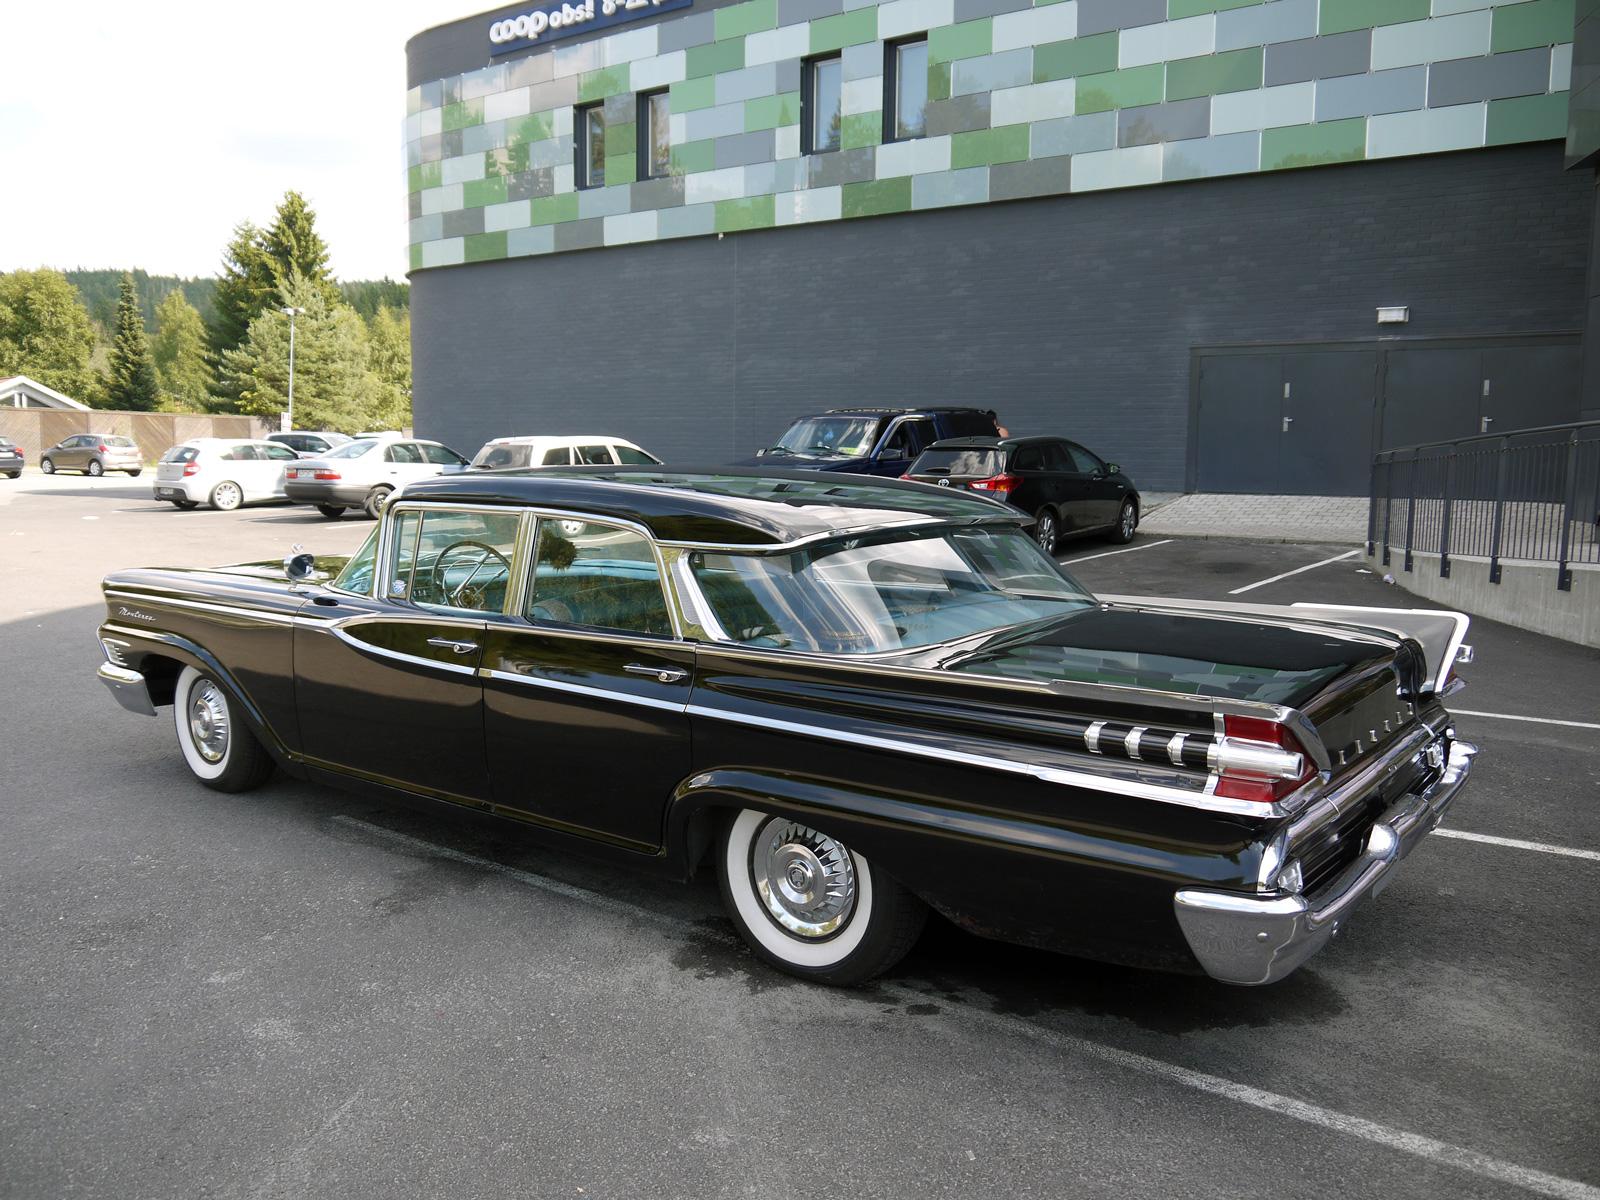 1959 Mercury Monterey four door hardtop parked oslo